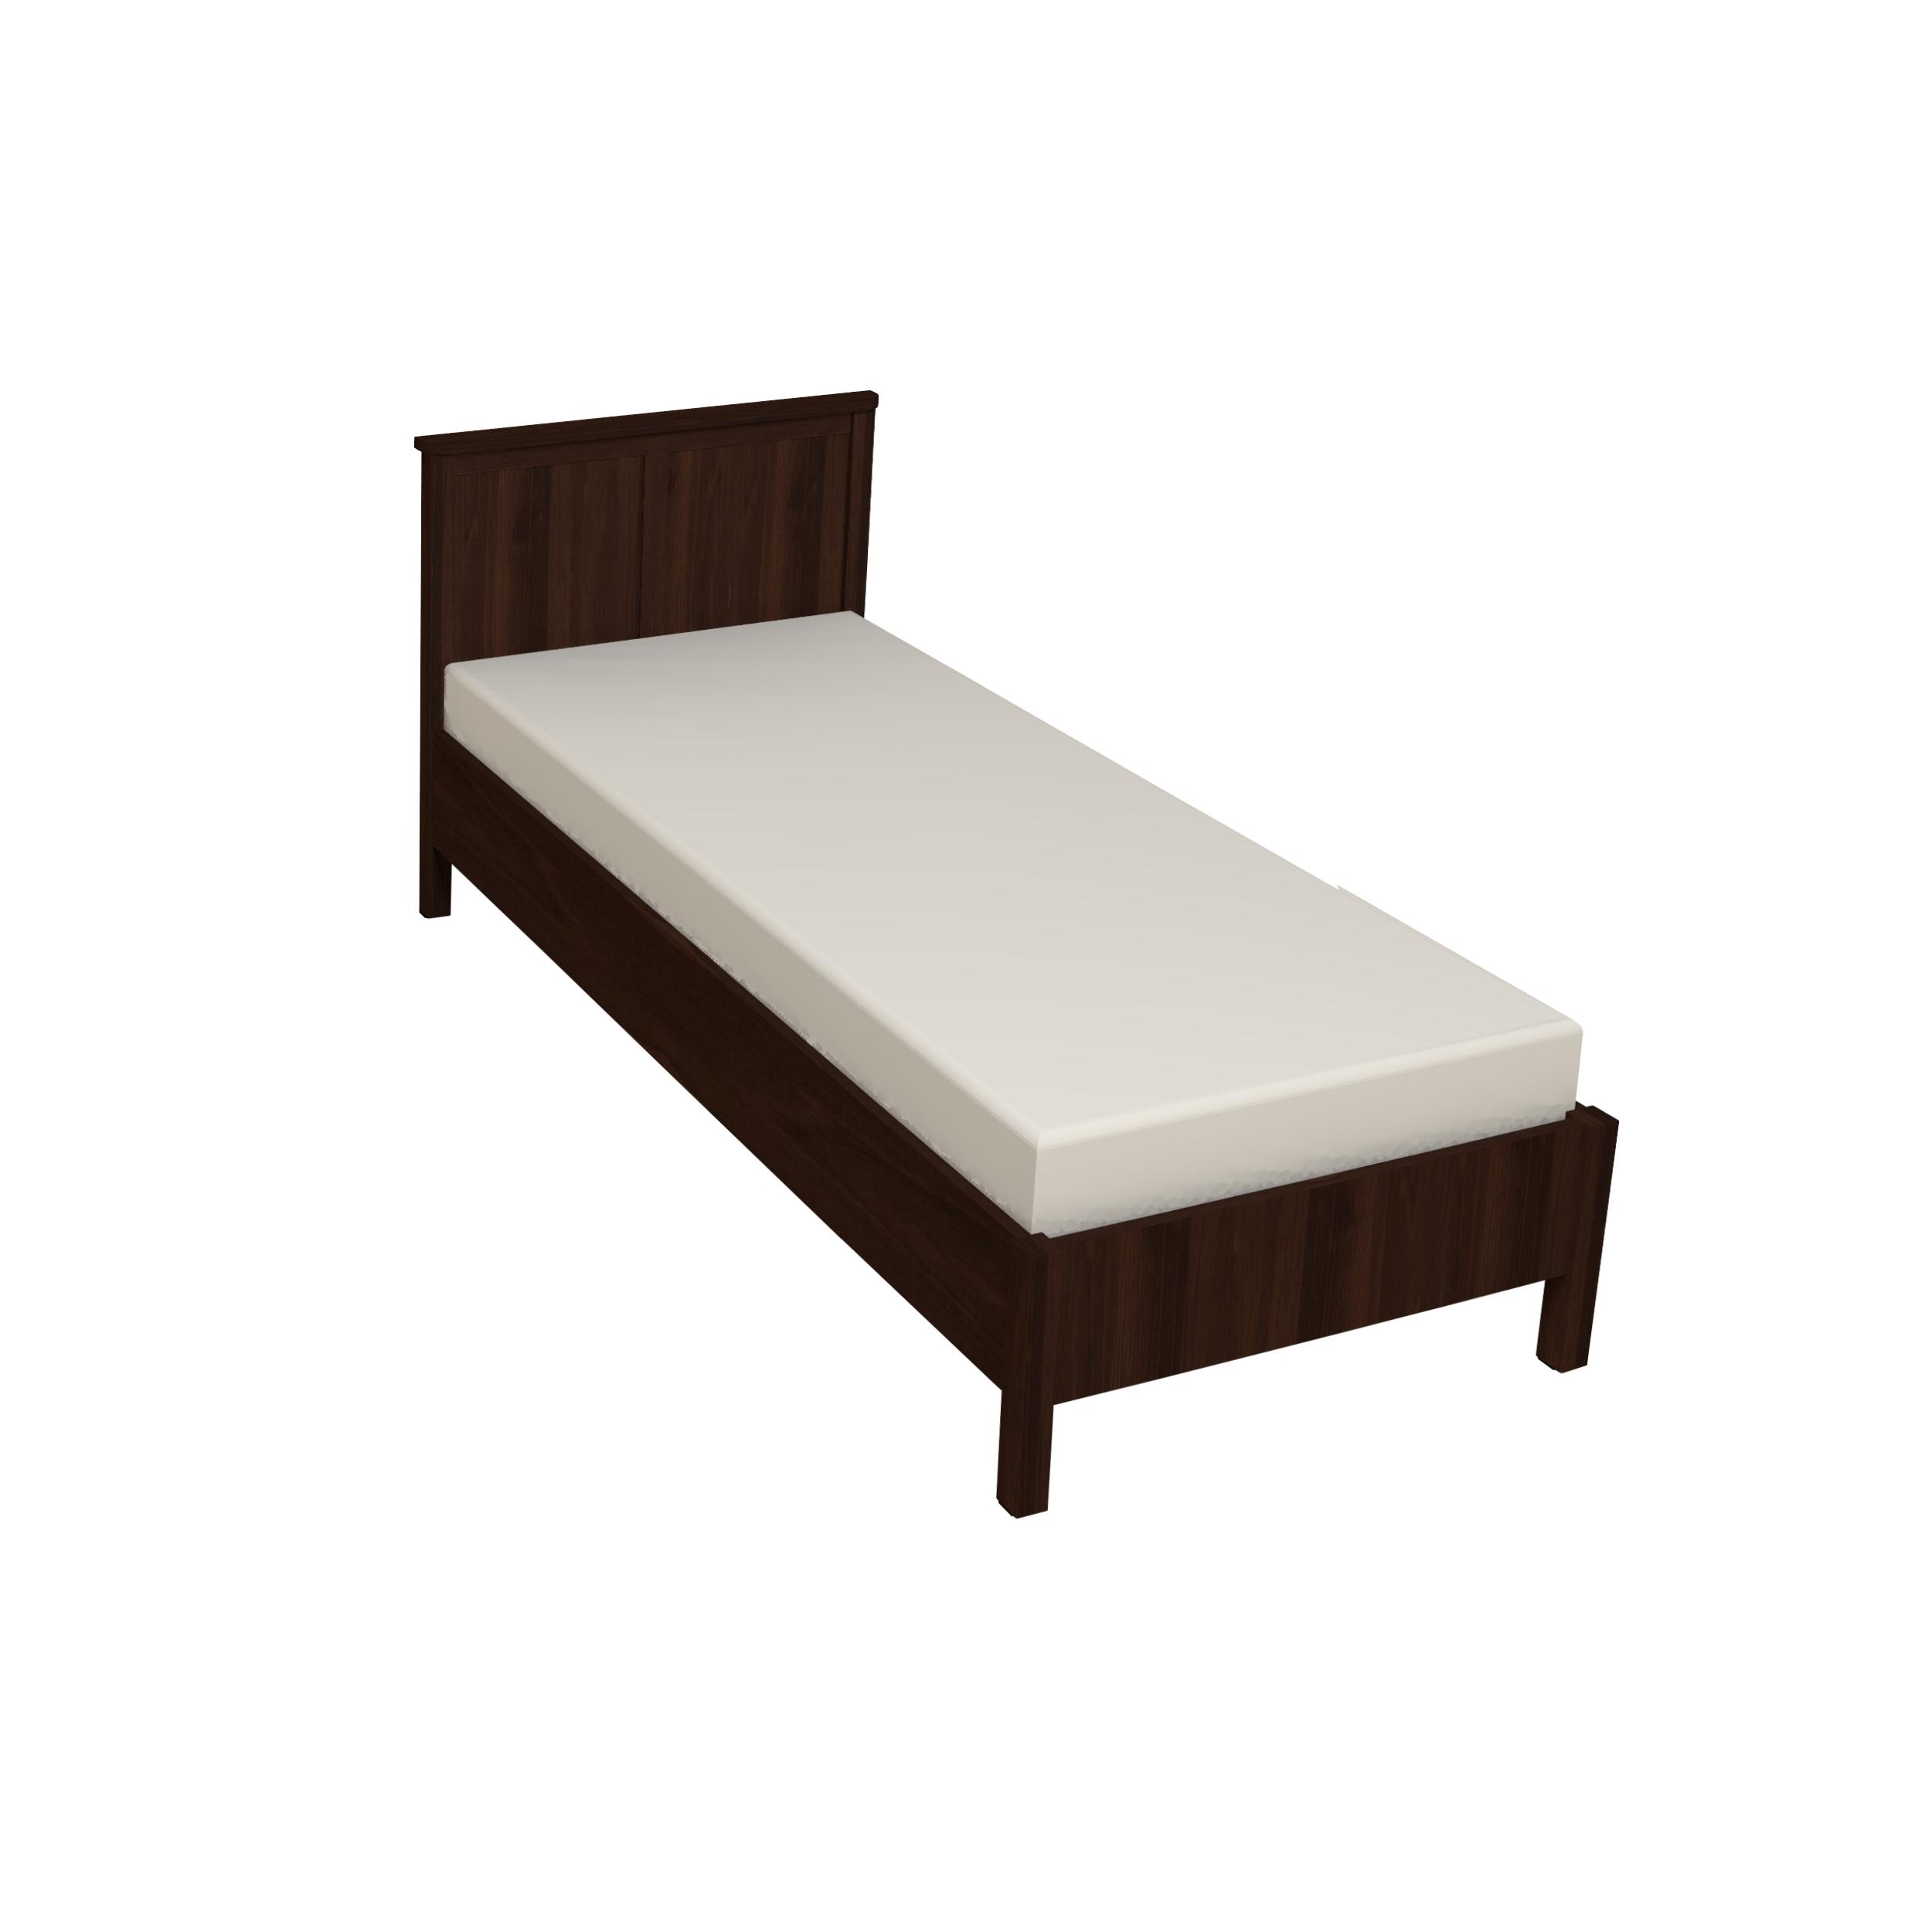 Кровать Sherlock 45 90, без основания, без матраса, орех шоколадный